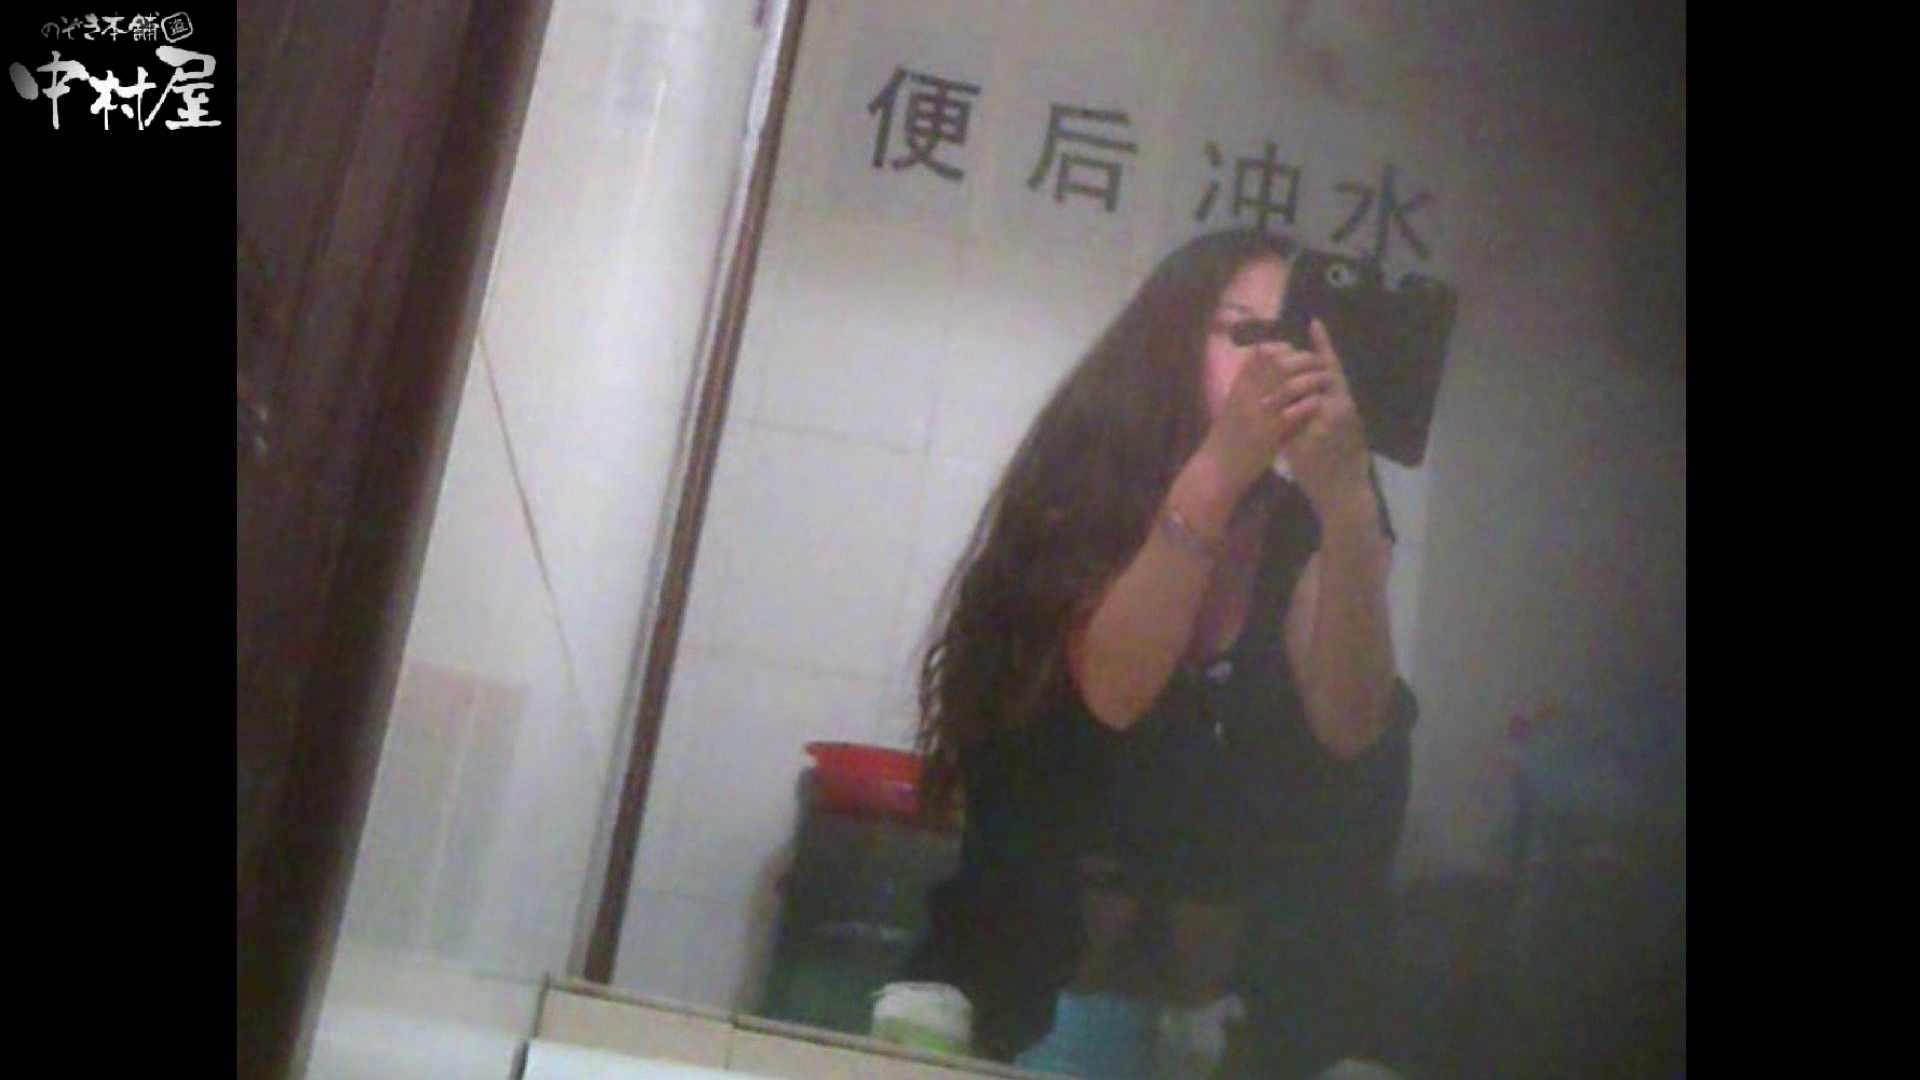 李さんの盗撮日記 Vol.03 HなOL AV無料動画キャプチャ 101pic 72